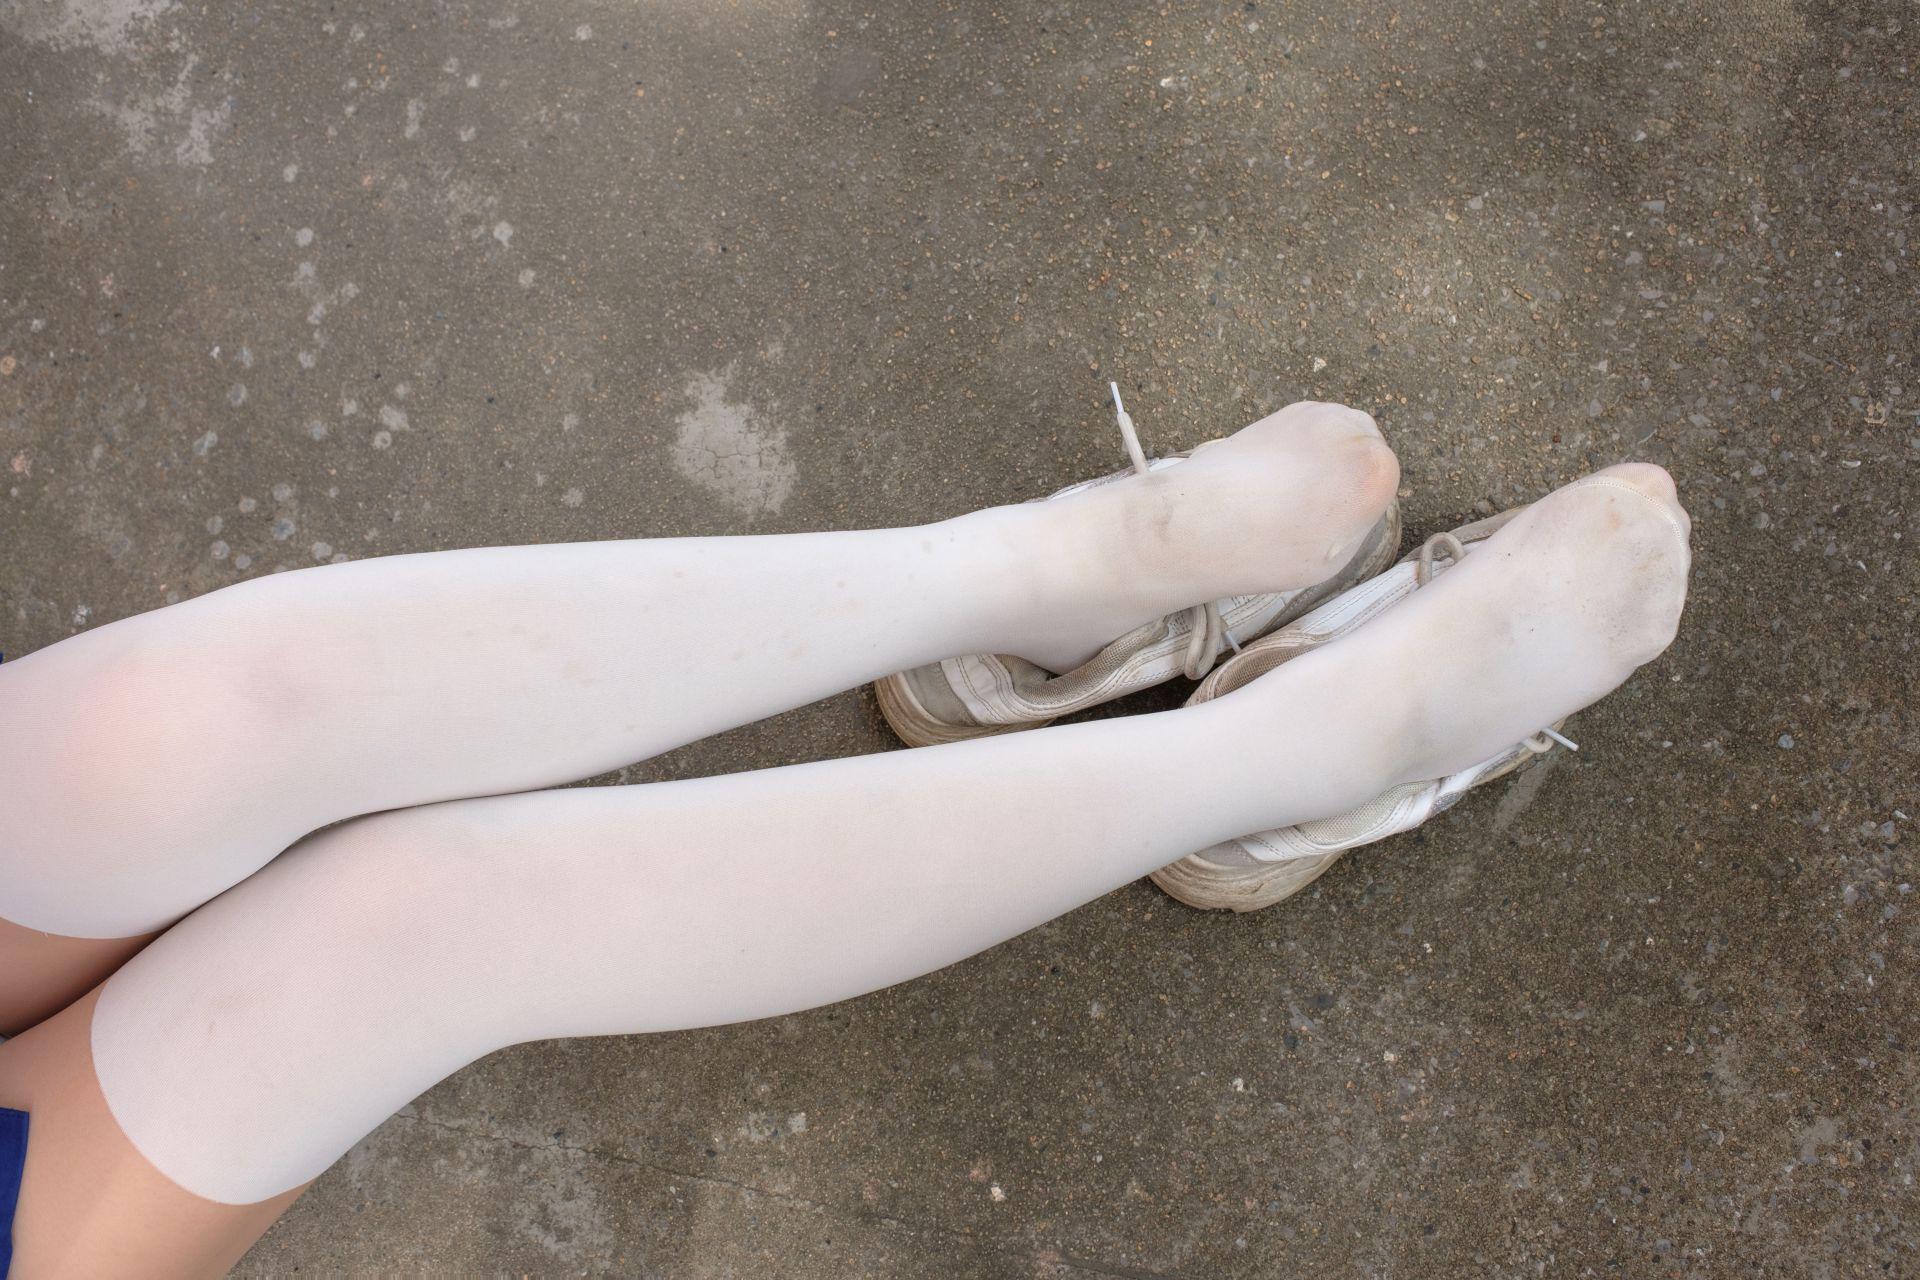 【森萝财团】森萝财团写真 - BETA-018 JK白丝外拍 [57P-608MB] BETA系列 第4张